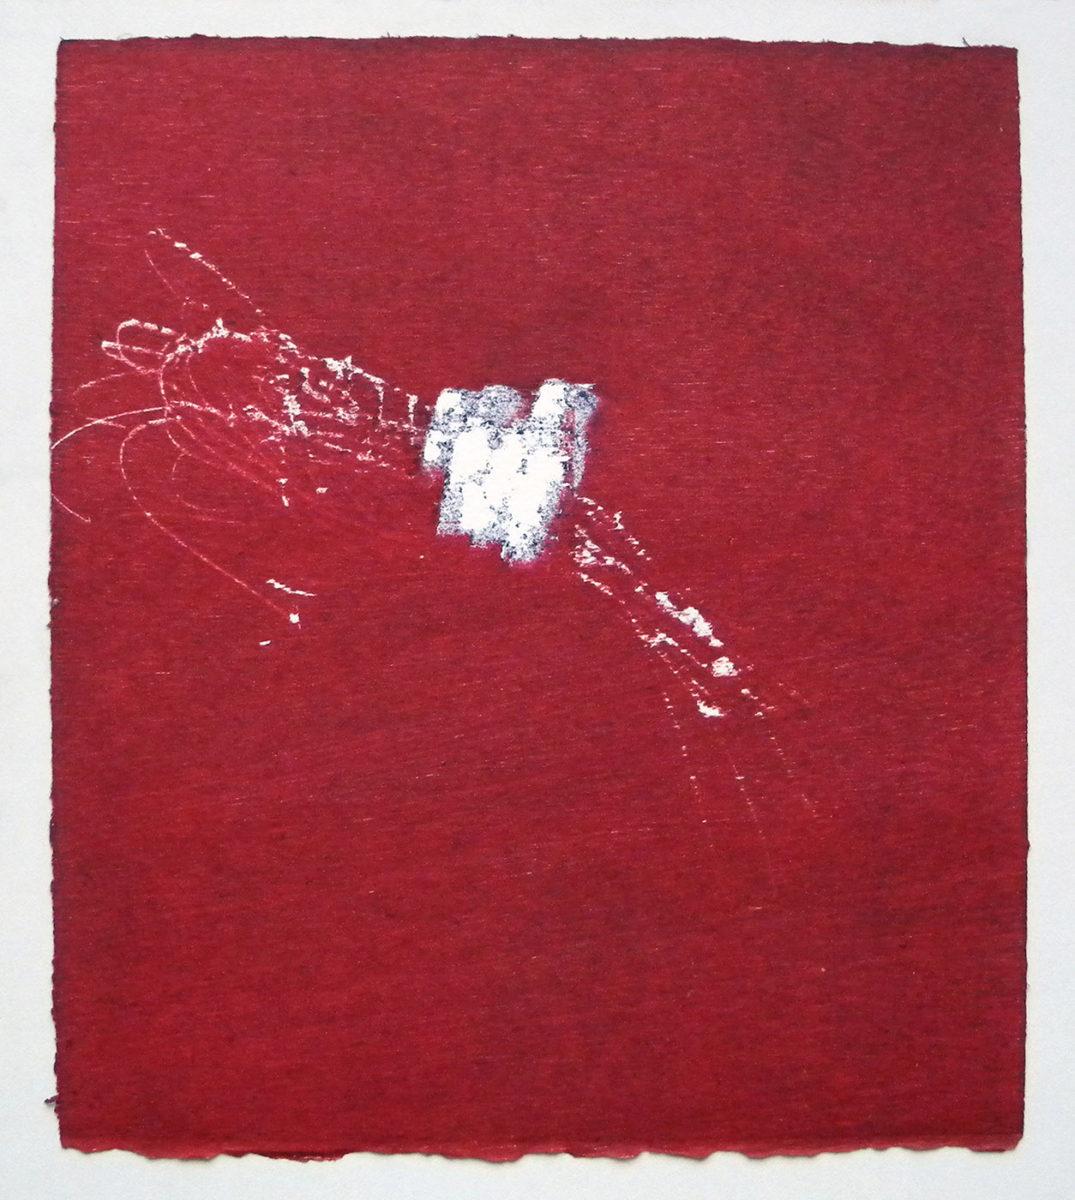 MARC FELD 2012 SONG FOR STEVE LACY 10 Gravure sur bois encre sur papier 25 x 26 cm (Tirage Patrick Vernet)